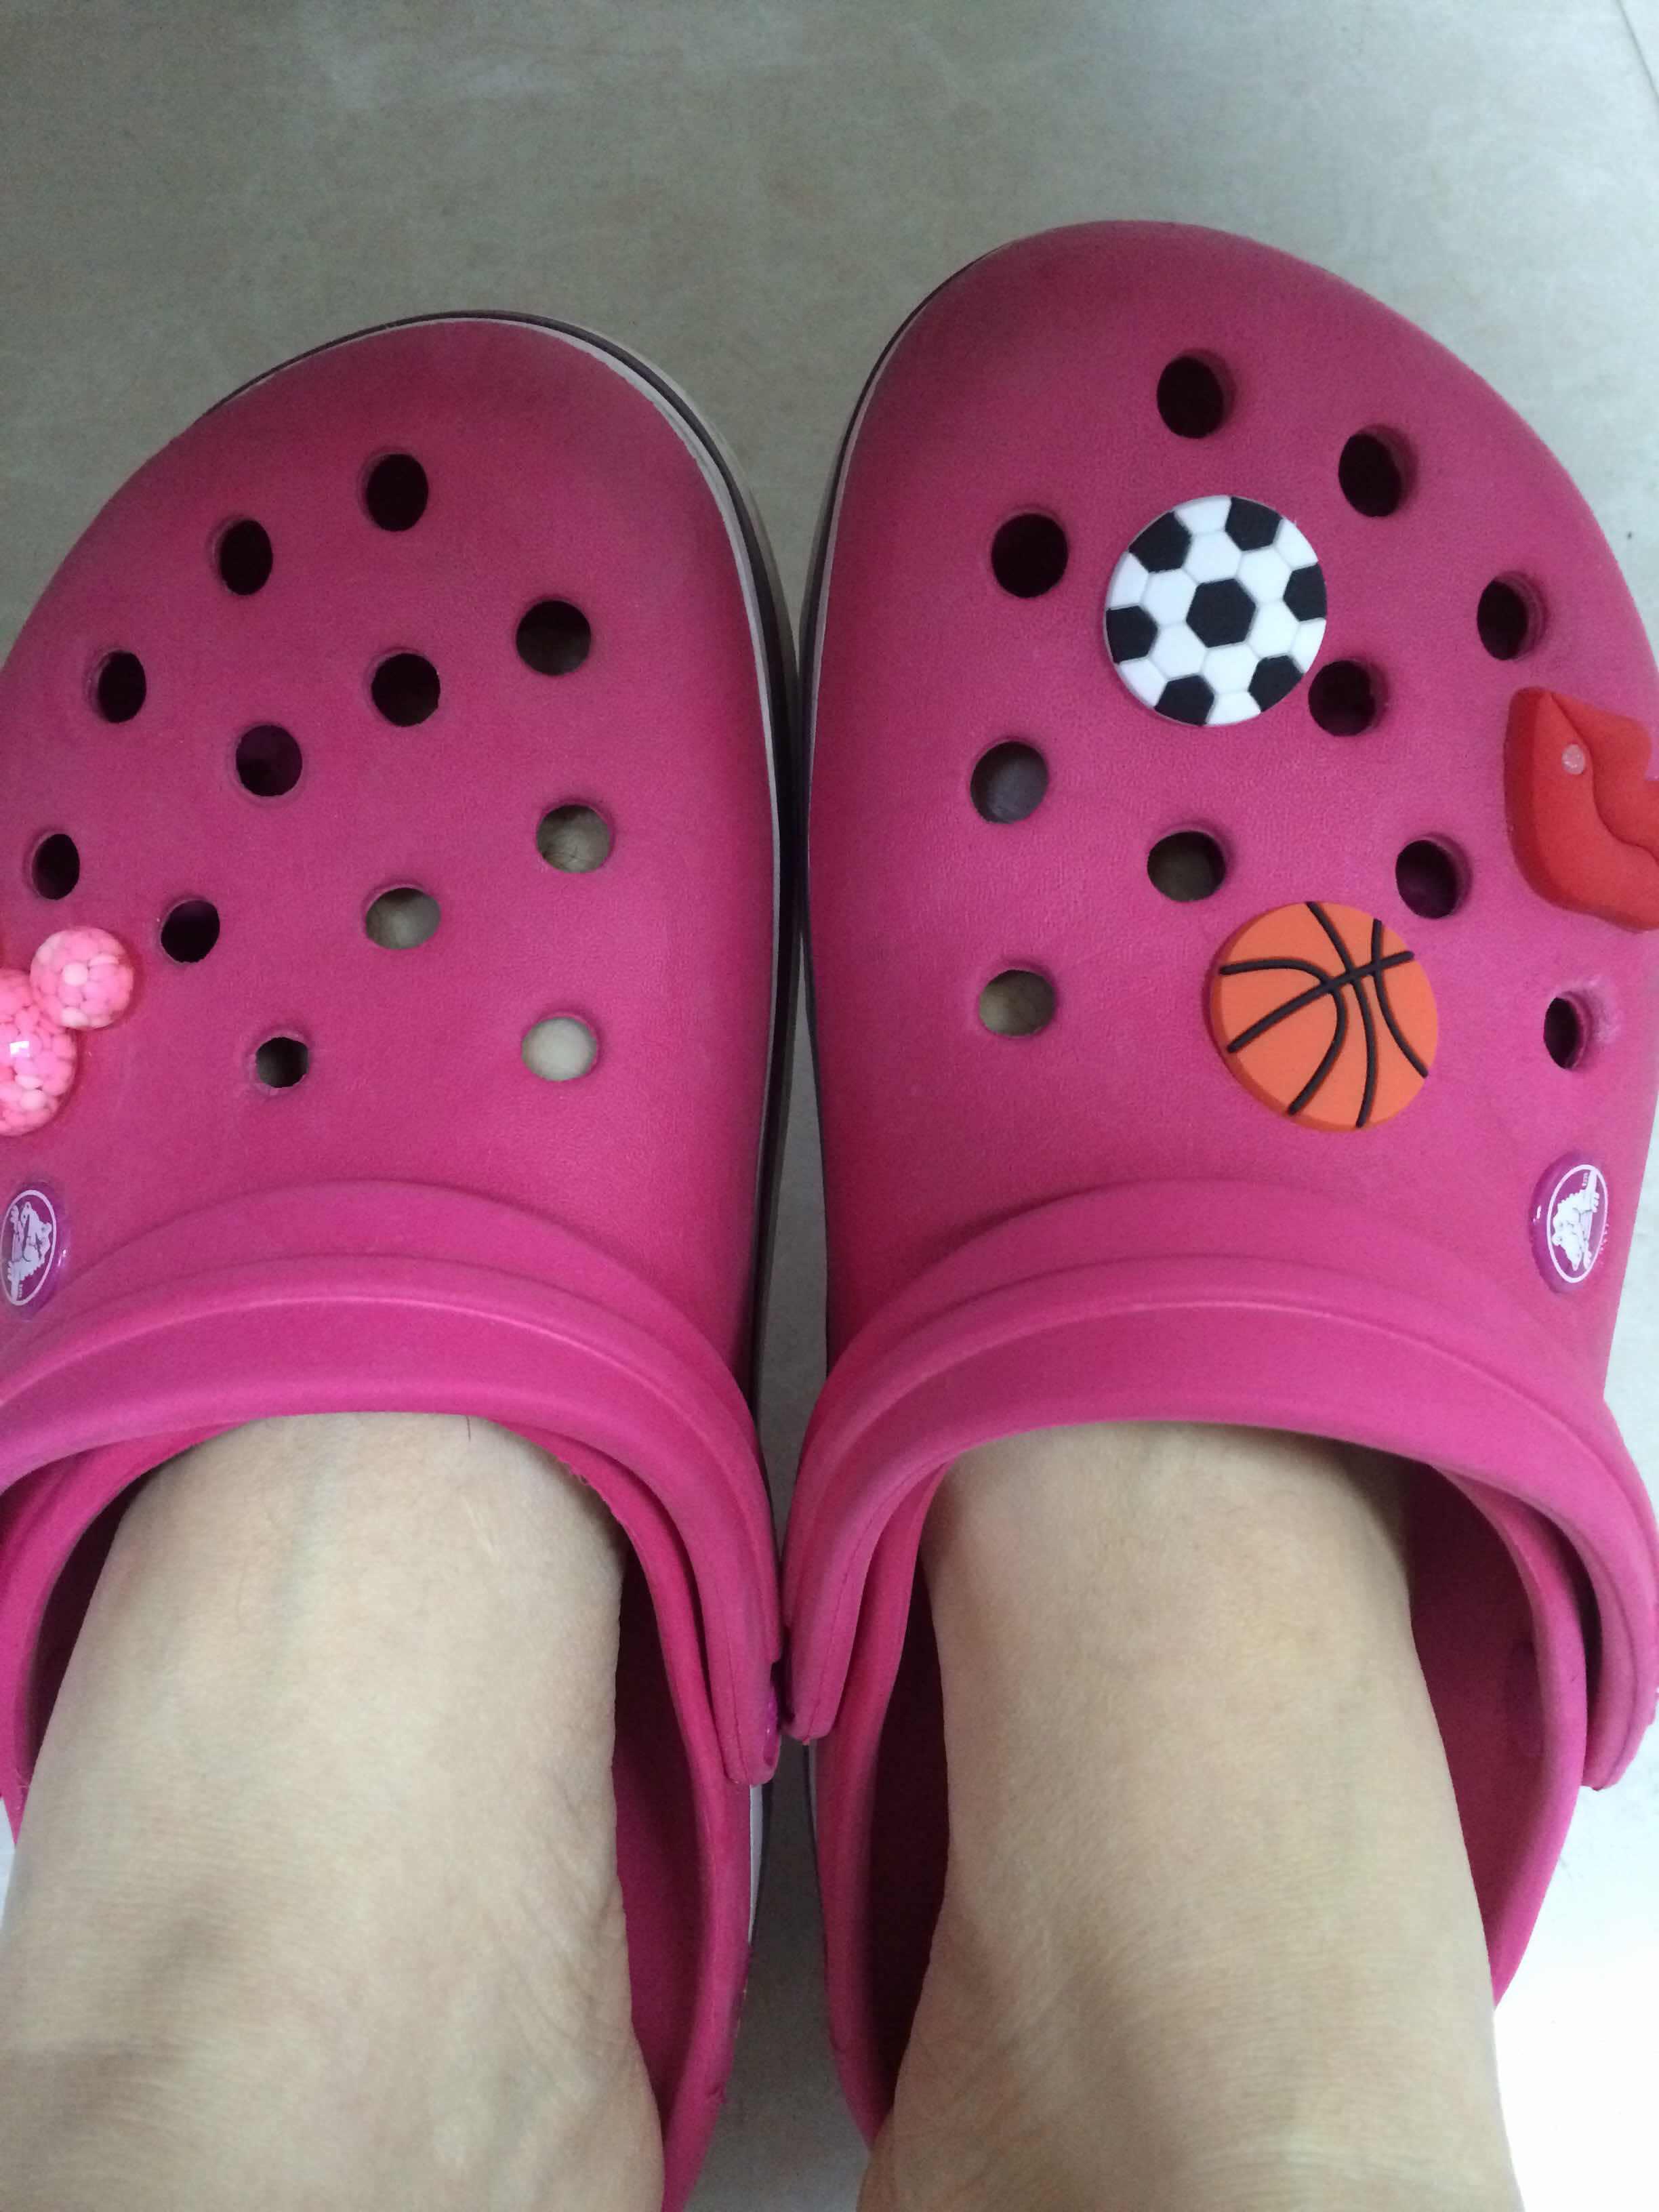 1-5 sztuk Sport koszykówka piłka nożna Baseball kręgle pcv Charms buta Jibz dla Croc dekoracja butów akcesoria zawieszki charmsy prezent dla dzieci